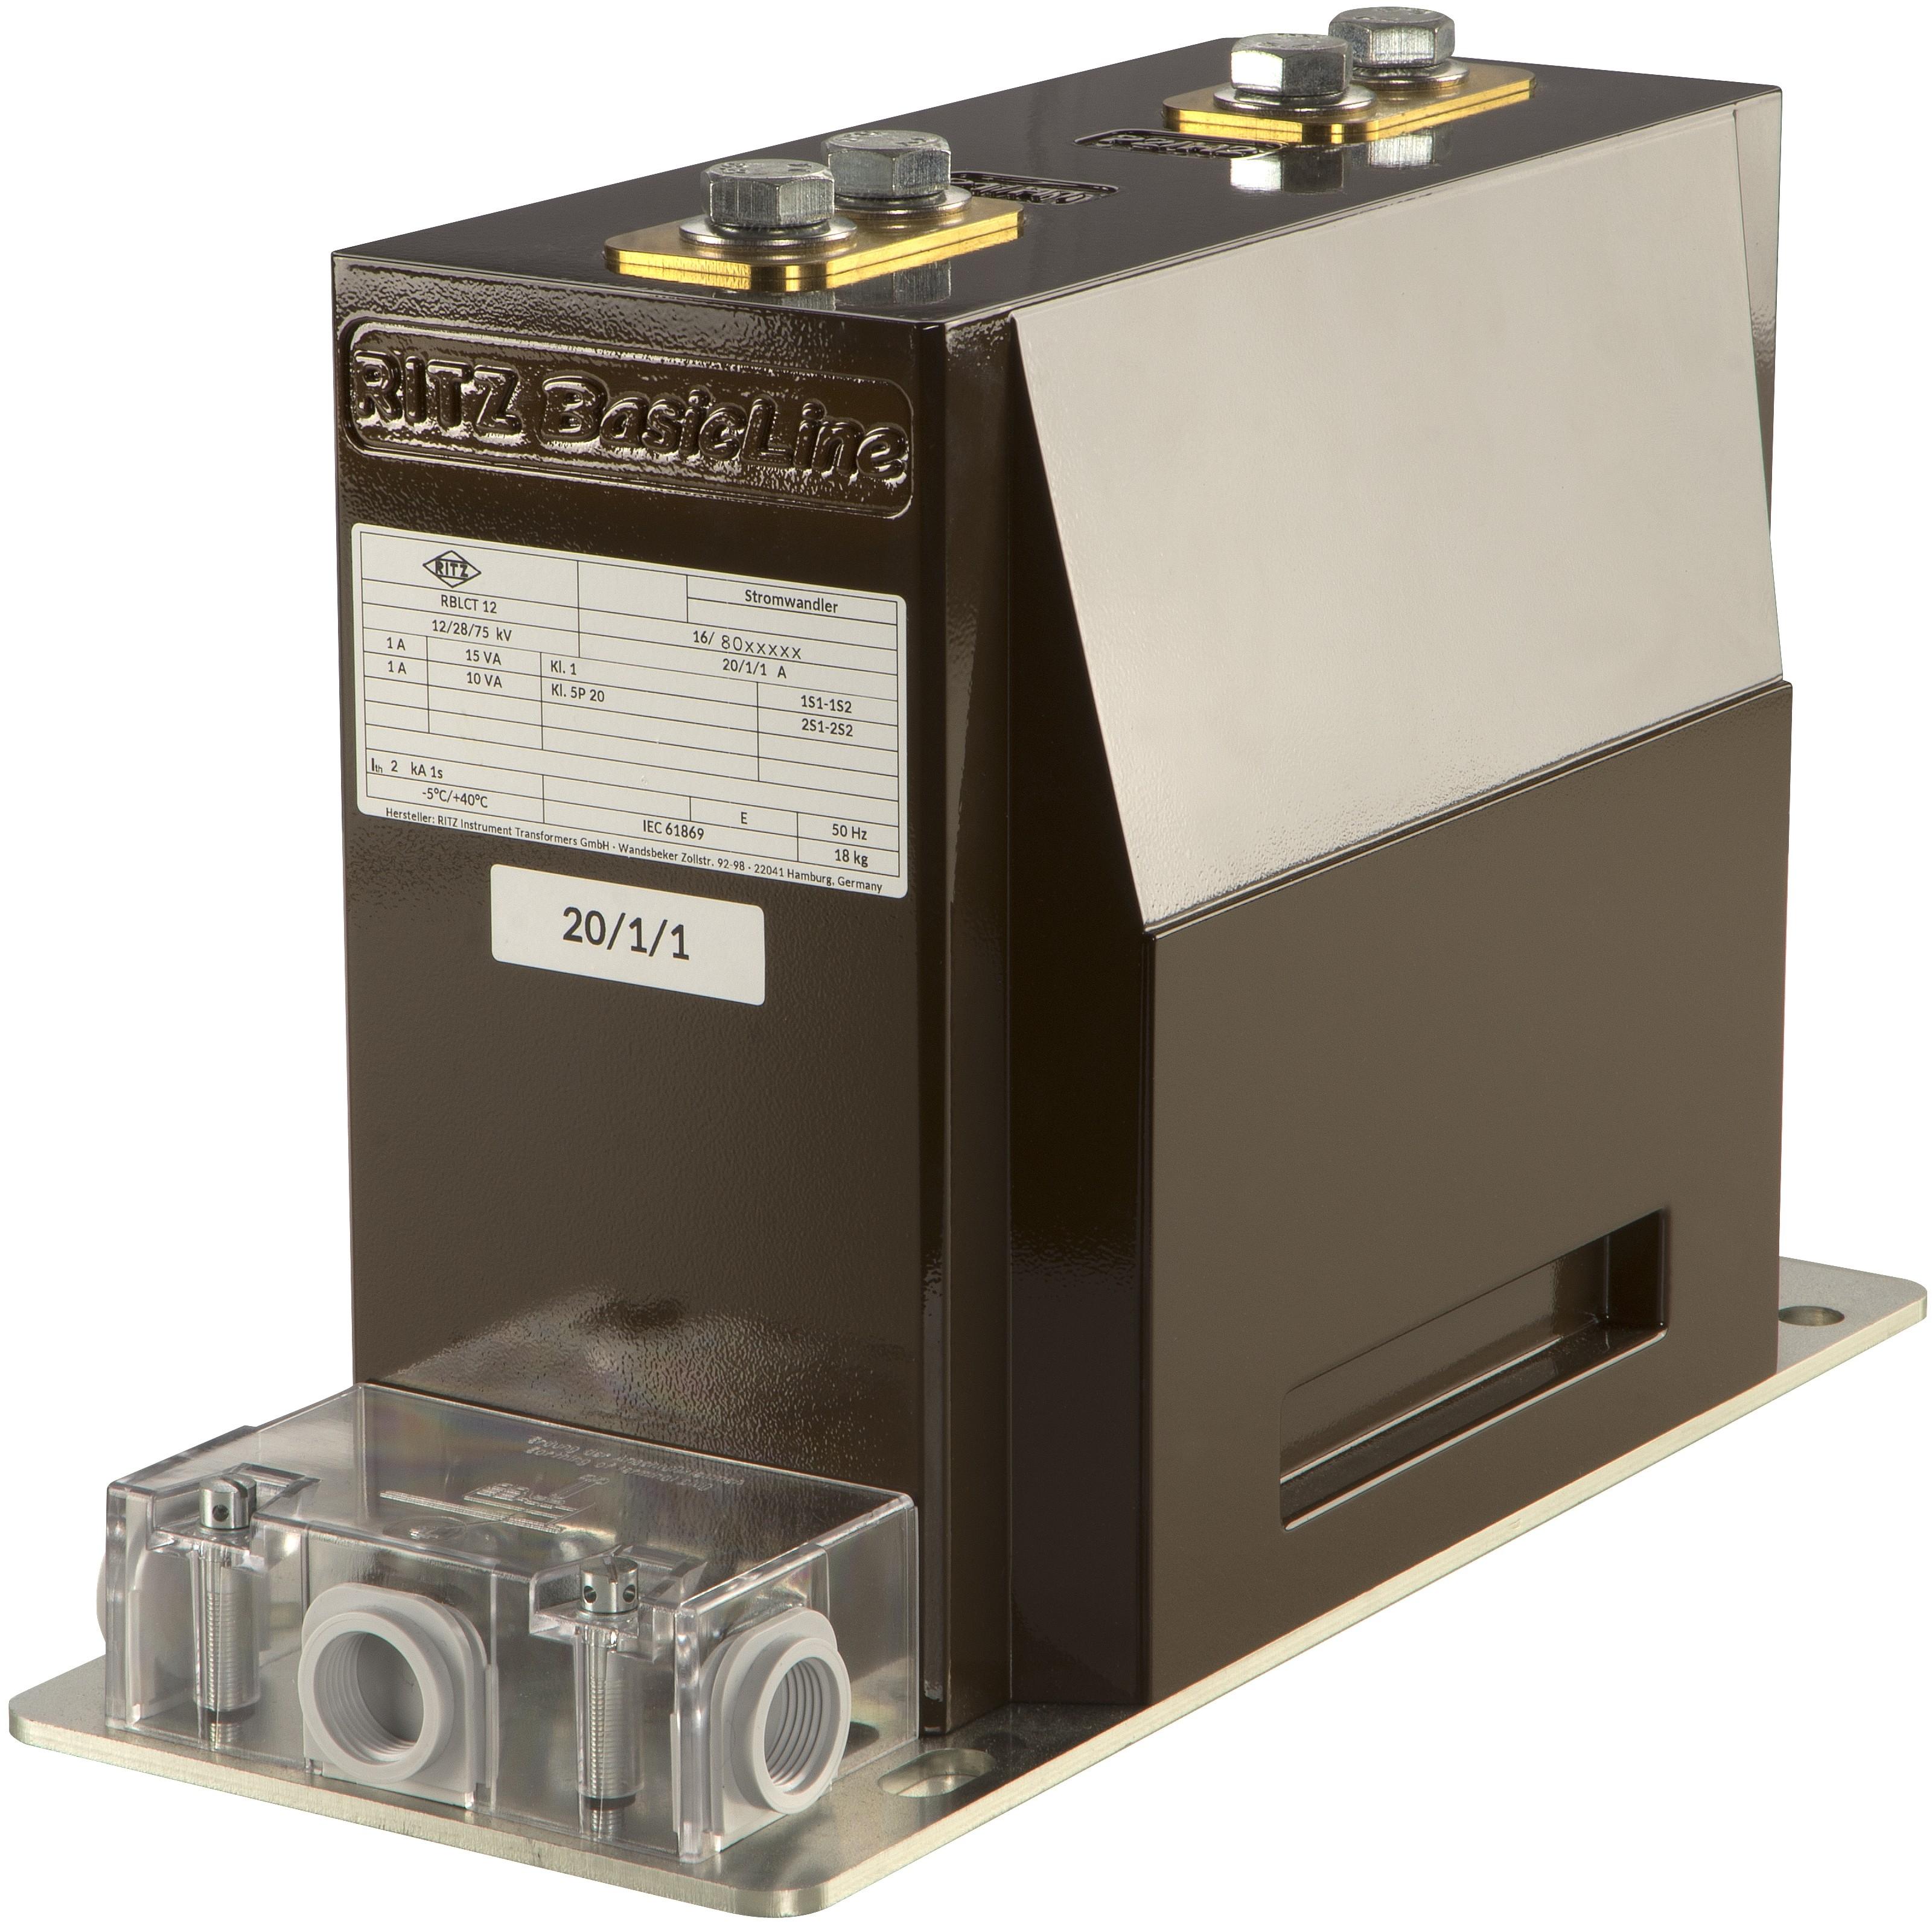 RBLCT12 | 17,5 | 24  BasicLine Innenraum Stromwandler Stützerstromwandler, Blockwandler, schmale Bauform